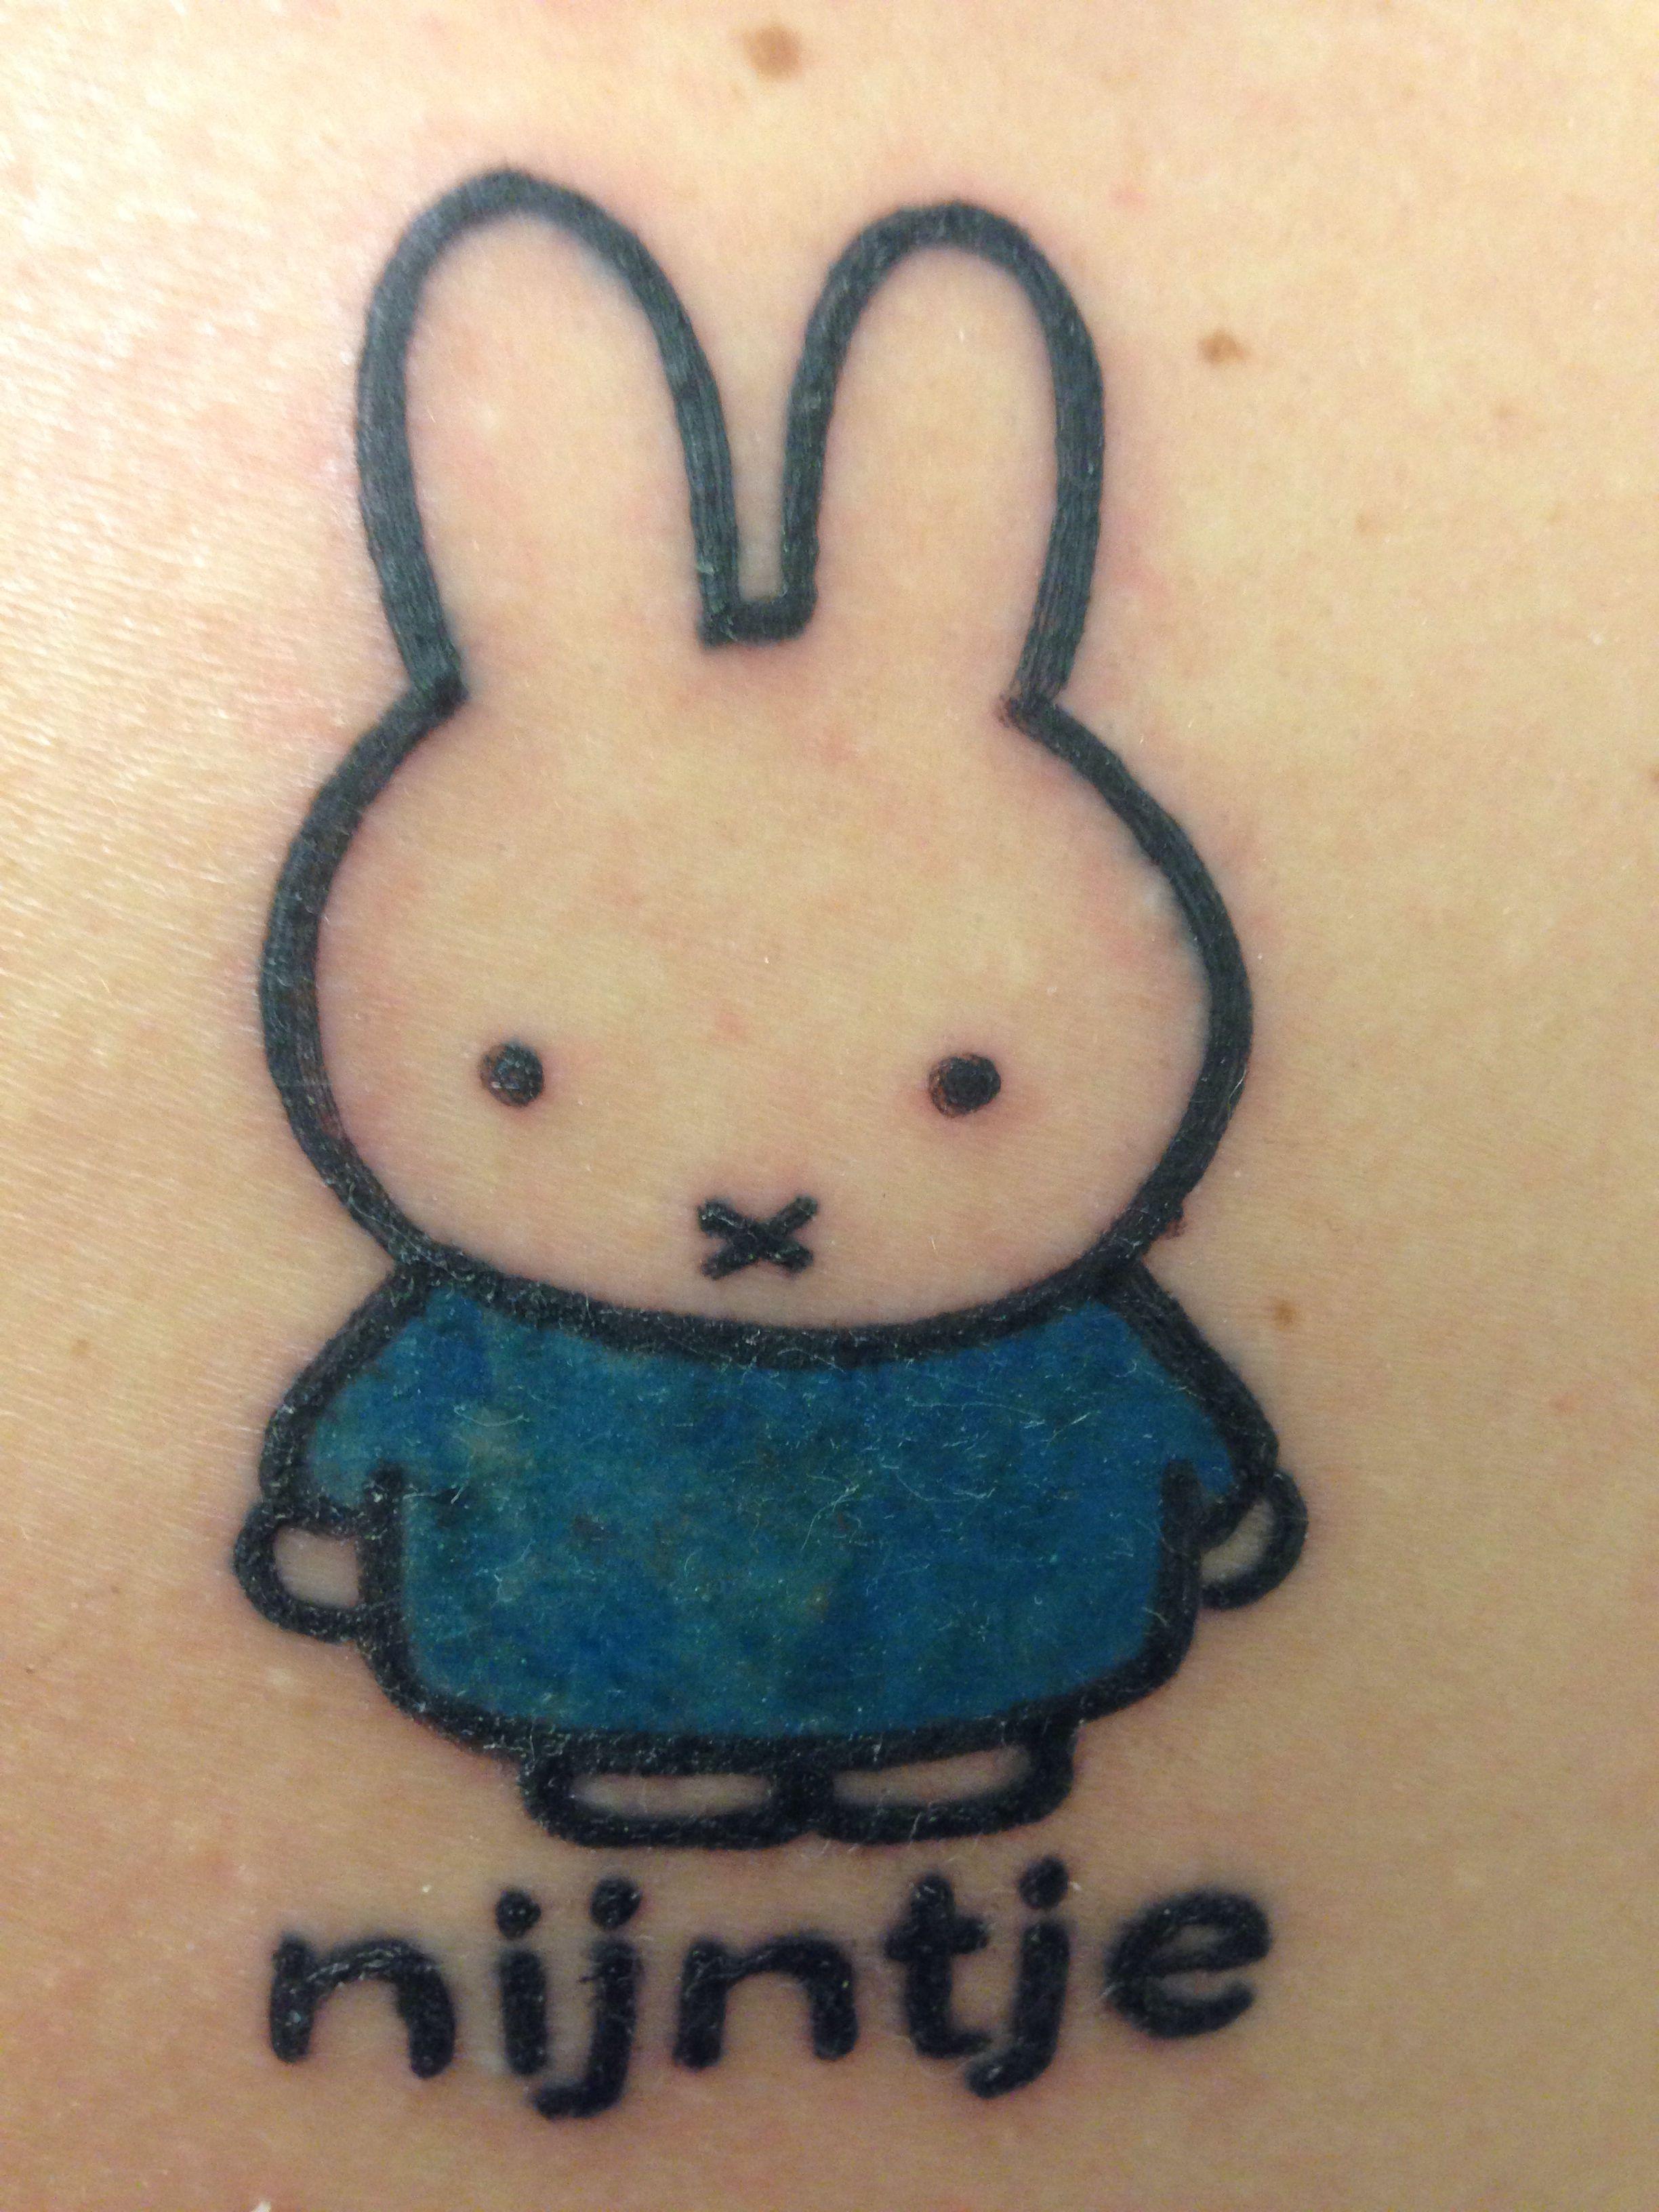 d32c32759 My first tattoo!!!!   Ik hou van Nijntje   Tattoos, Print tattoos ...